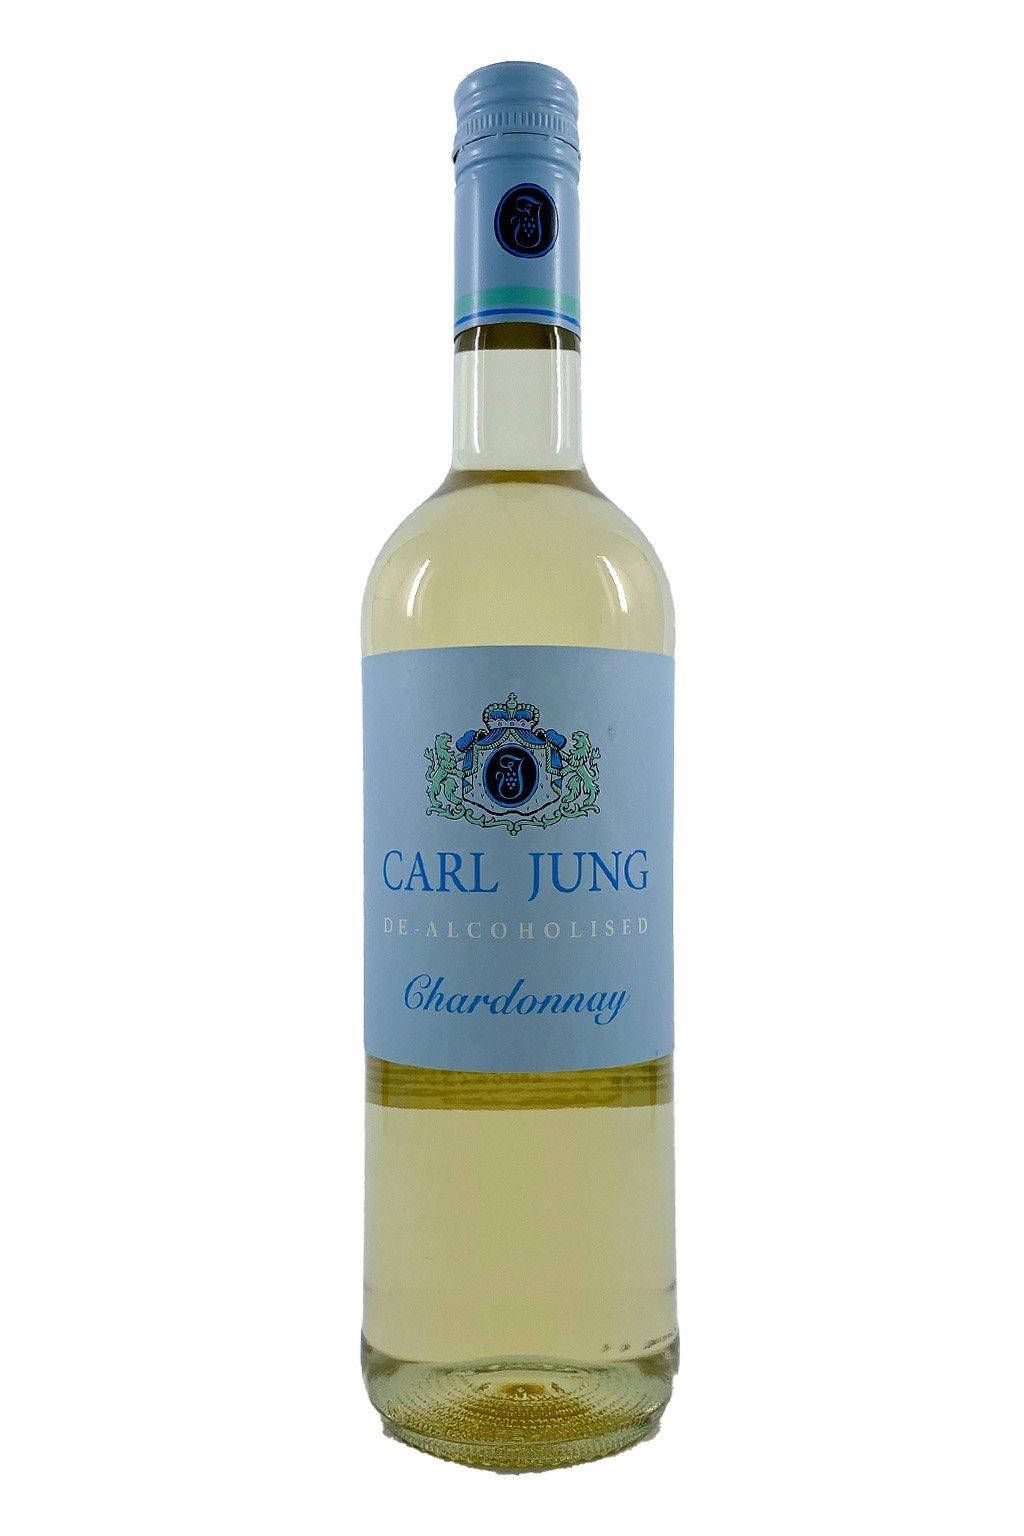 carl jung vinoadestilaty 0002 Vrstva 2